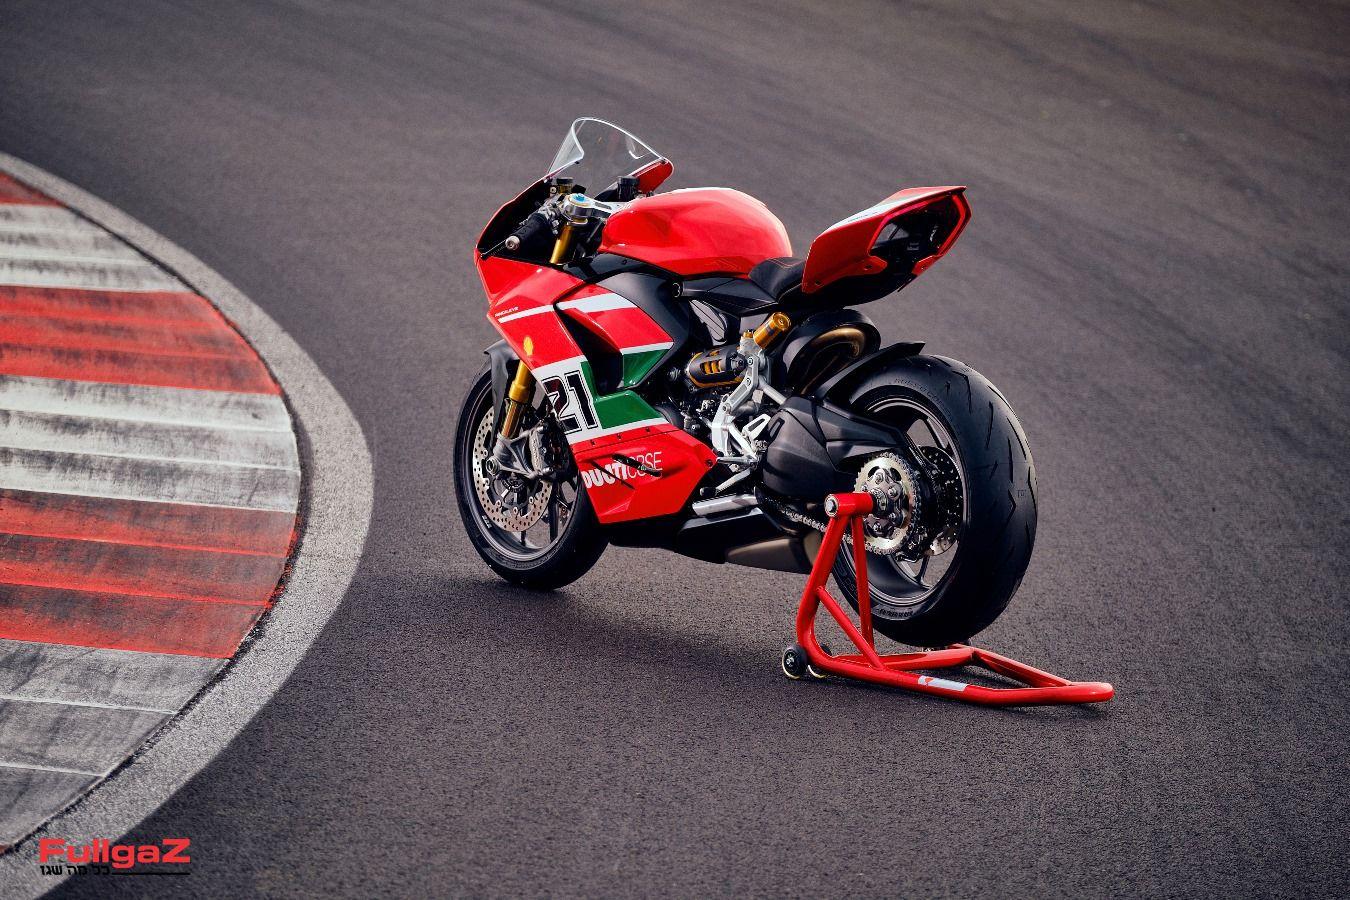 Ducati-Panigale-V2-Bayliss-025